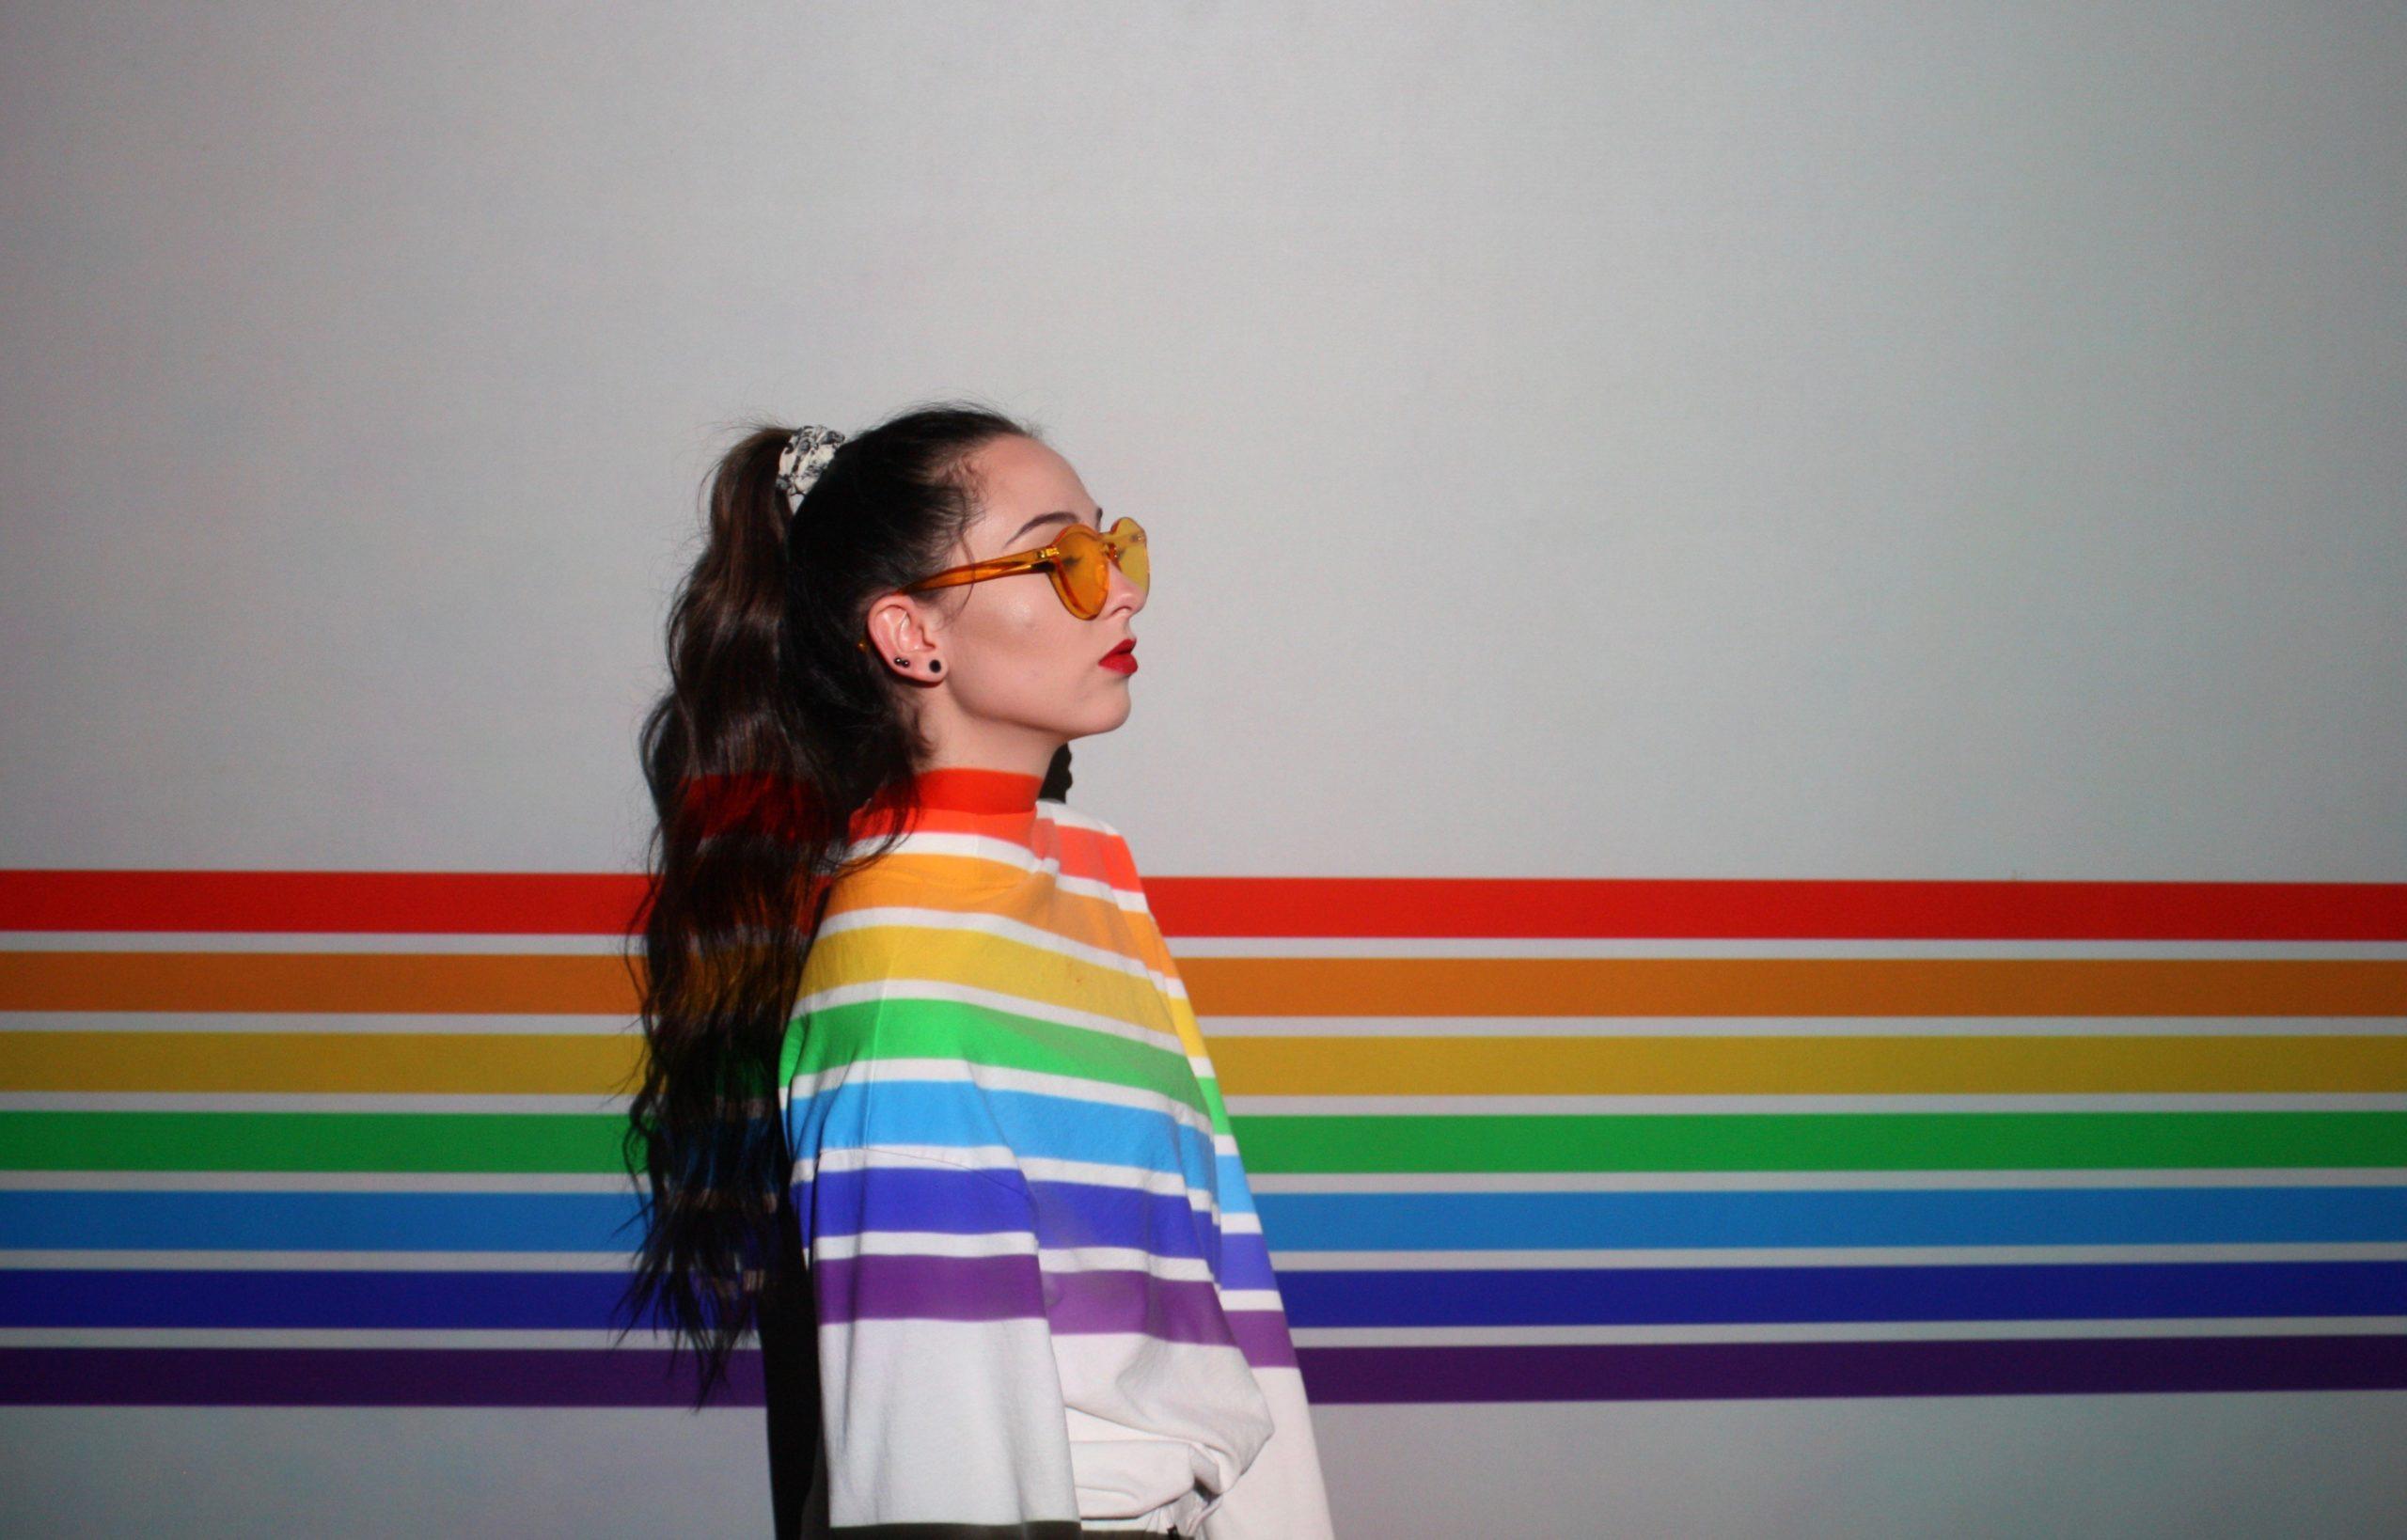 ما هي الكويرية الجندرية - معايير المغايرة الجنسية ولا معايير المثلية الجنسية - ما معنى كوير - الميول الجنسية - اللا ثنائية الجندرية